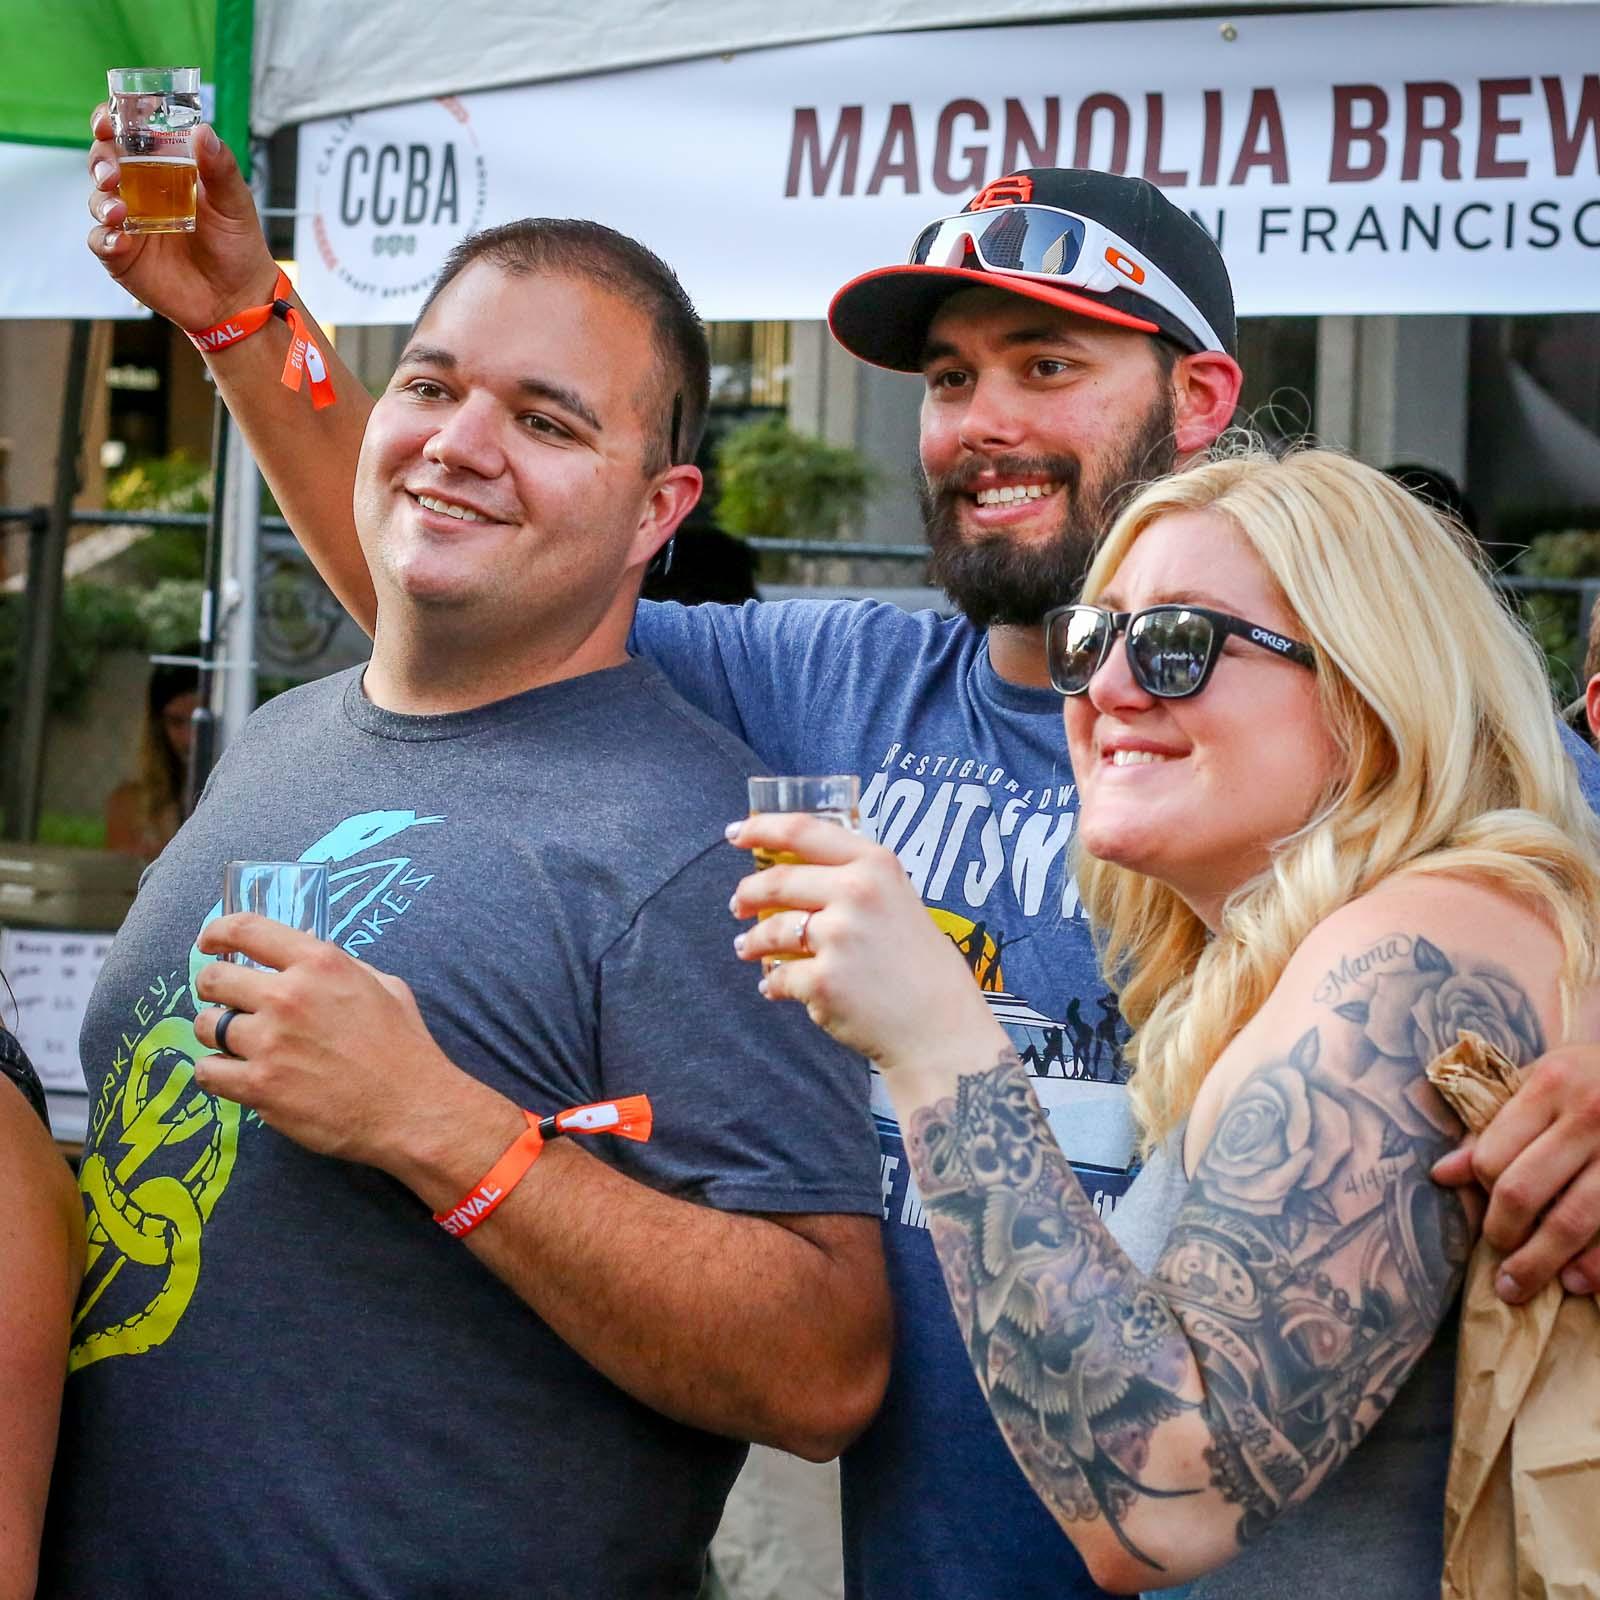 Beer Geeks!